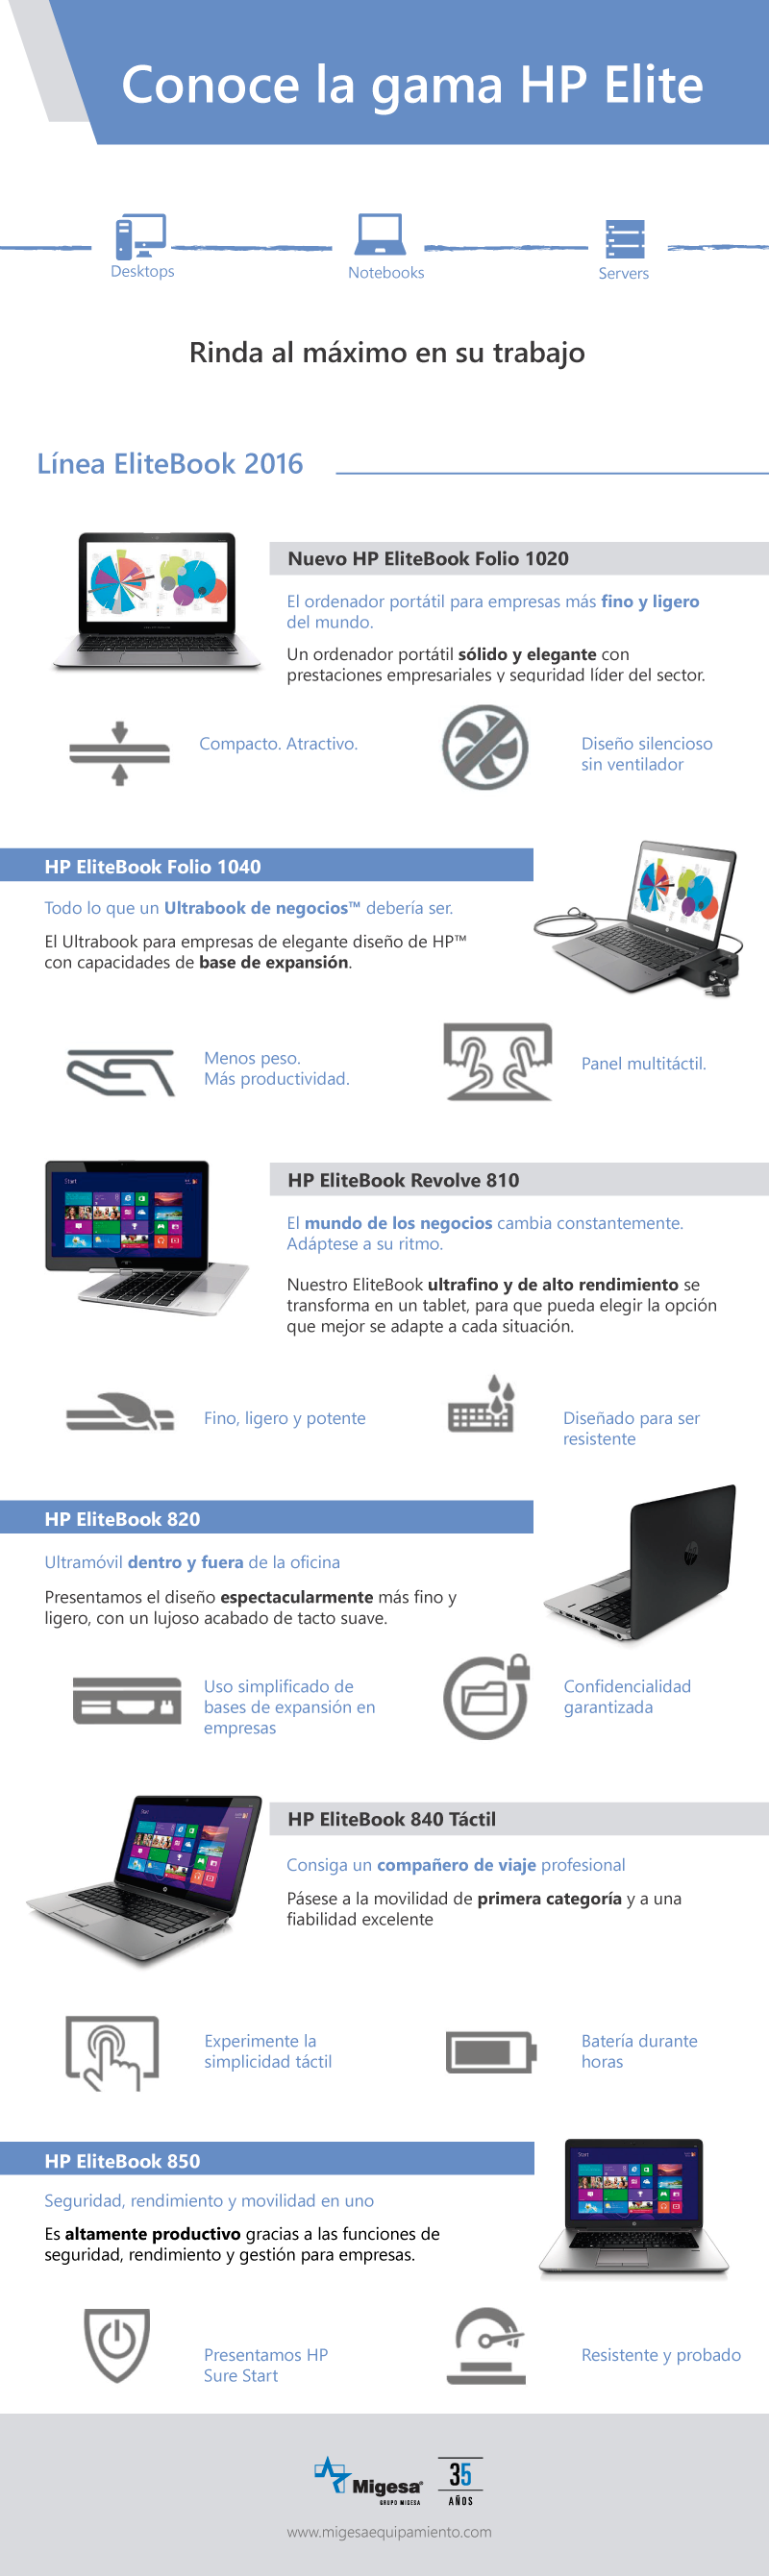 Infografia_HP